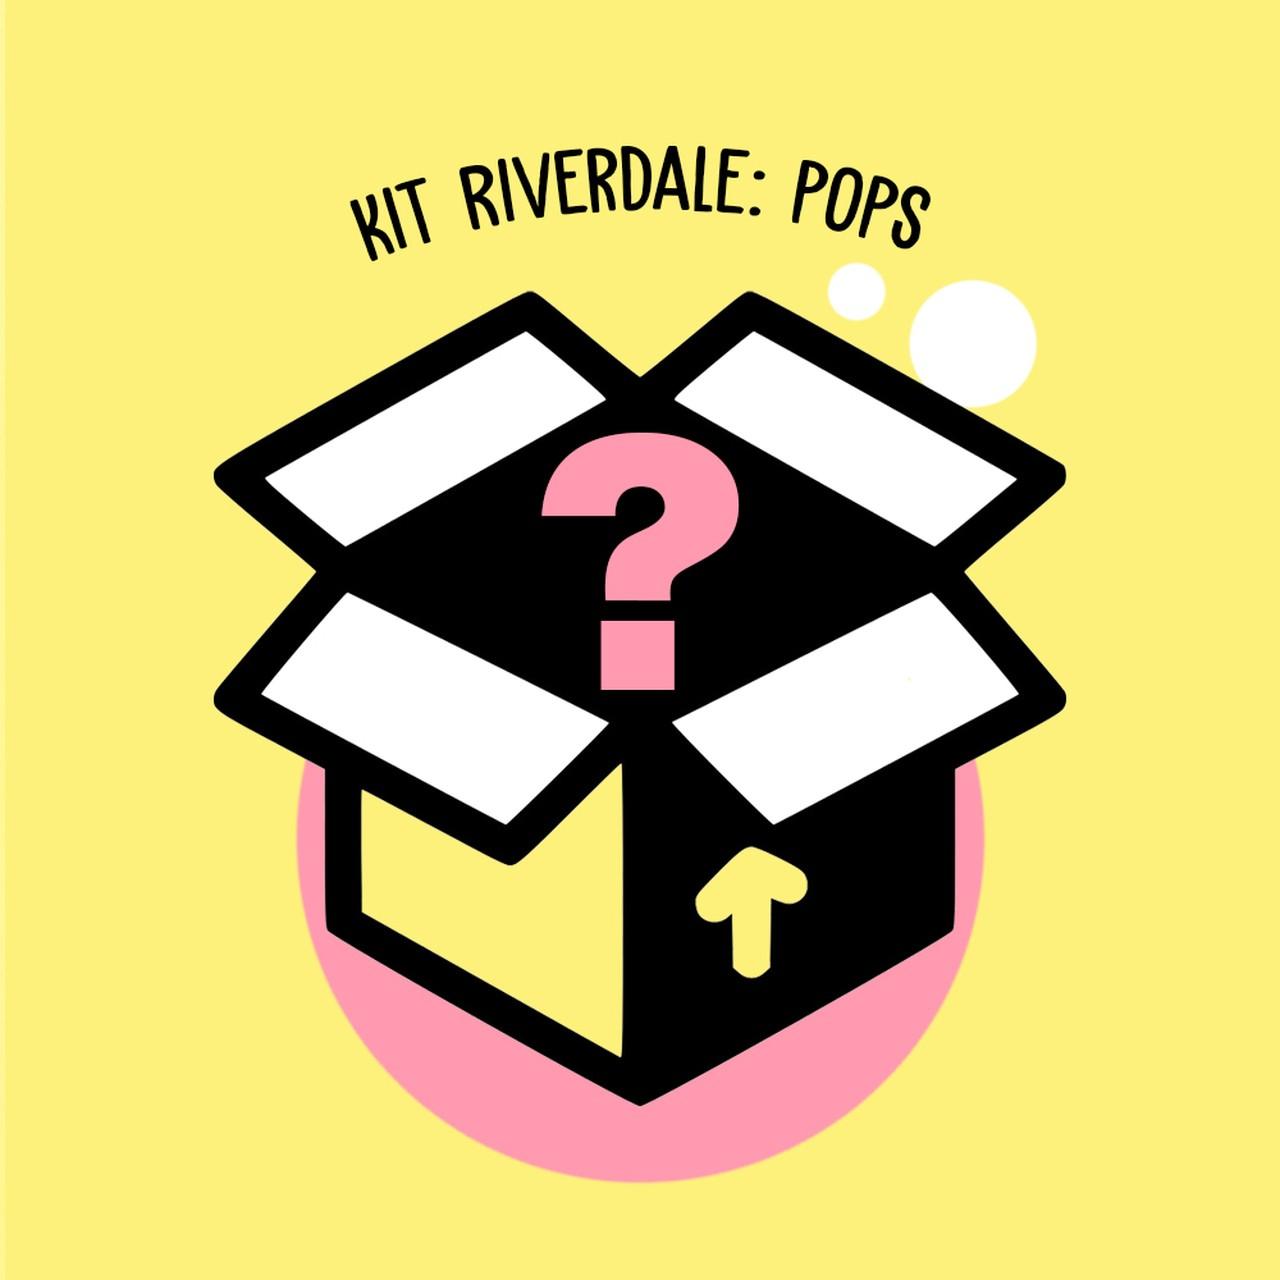 Kit Riverdale Pop's